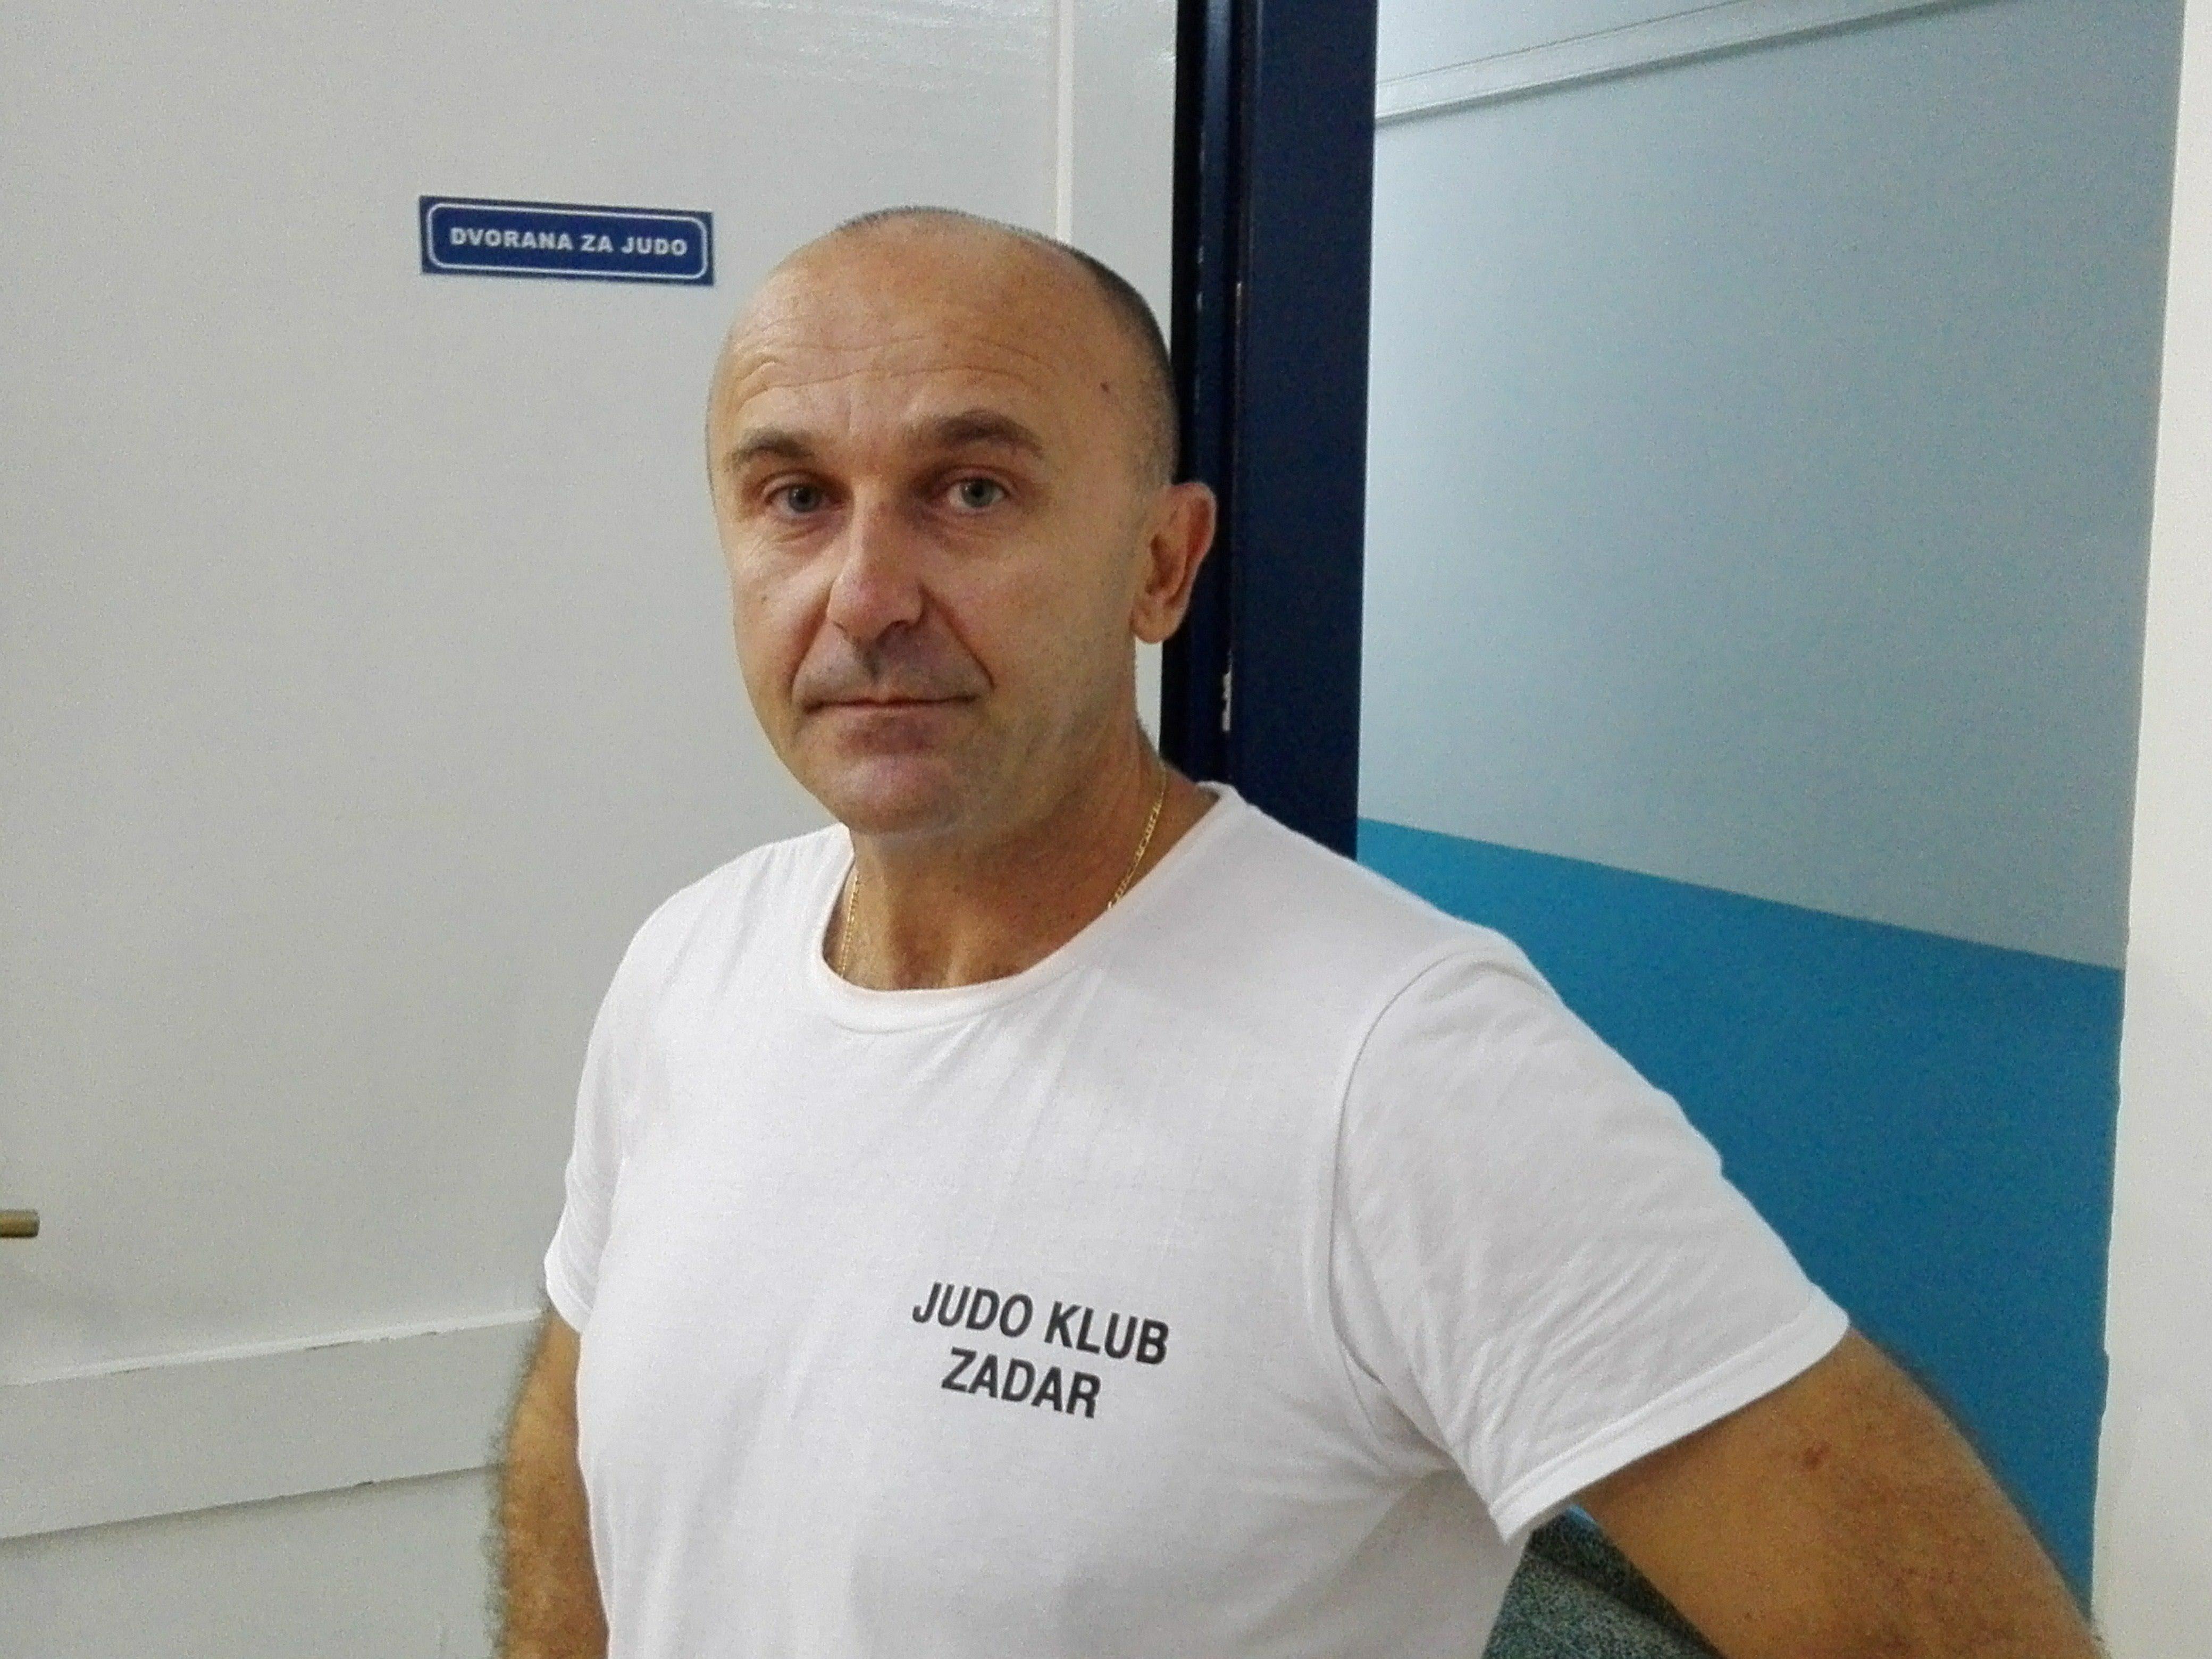 A. Zanki iz Judo kluba Zadar: Moto kluba je stvaranje društveno korisne osobe i mislim da u tome i uspijevamo